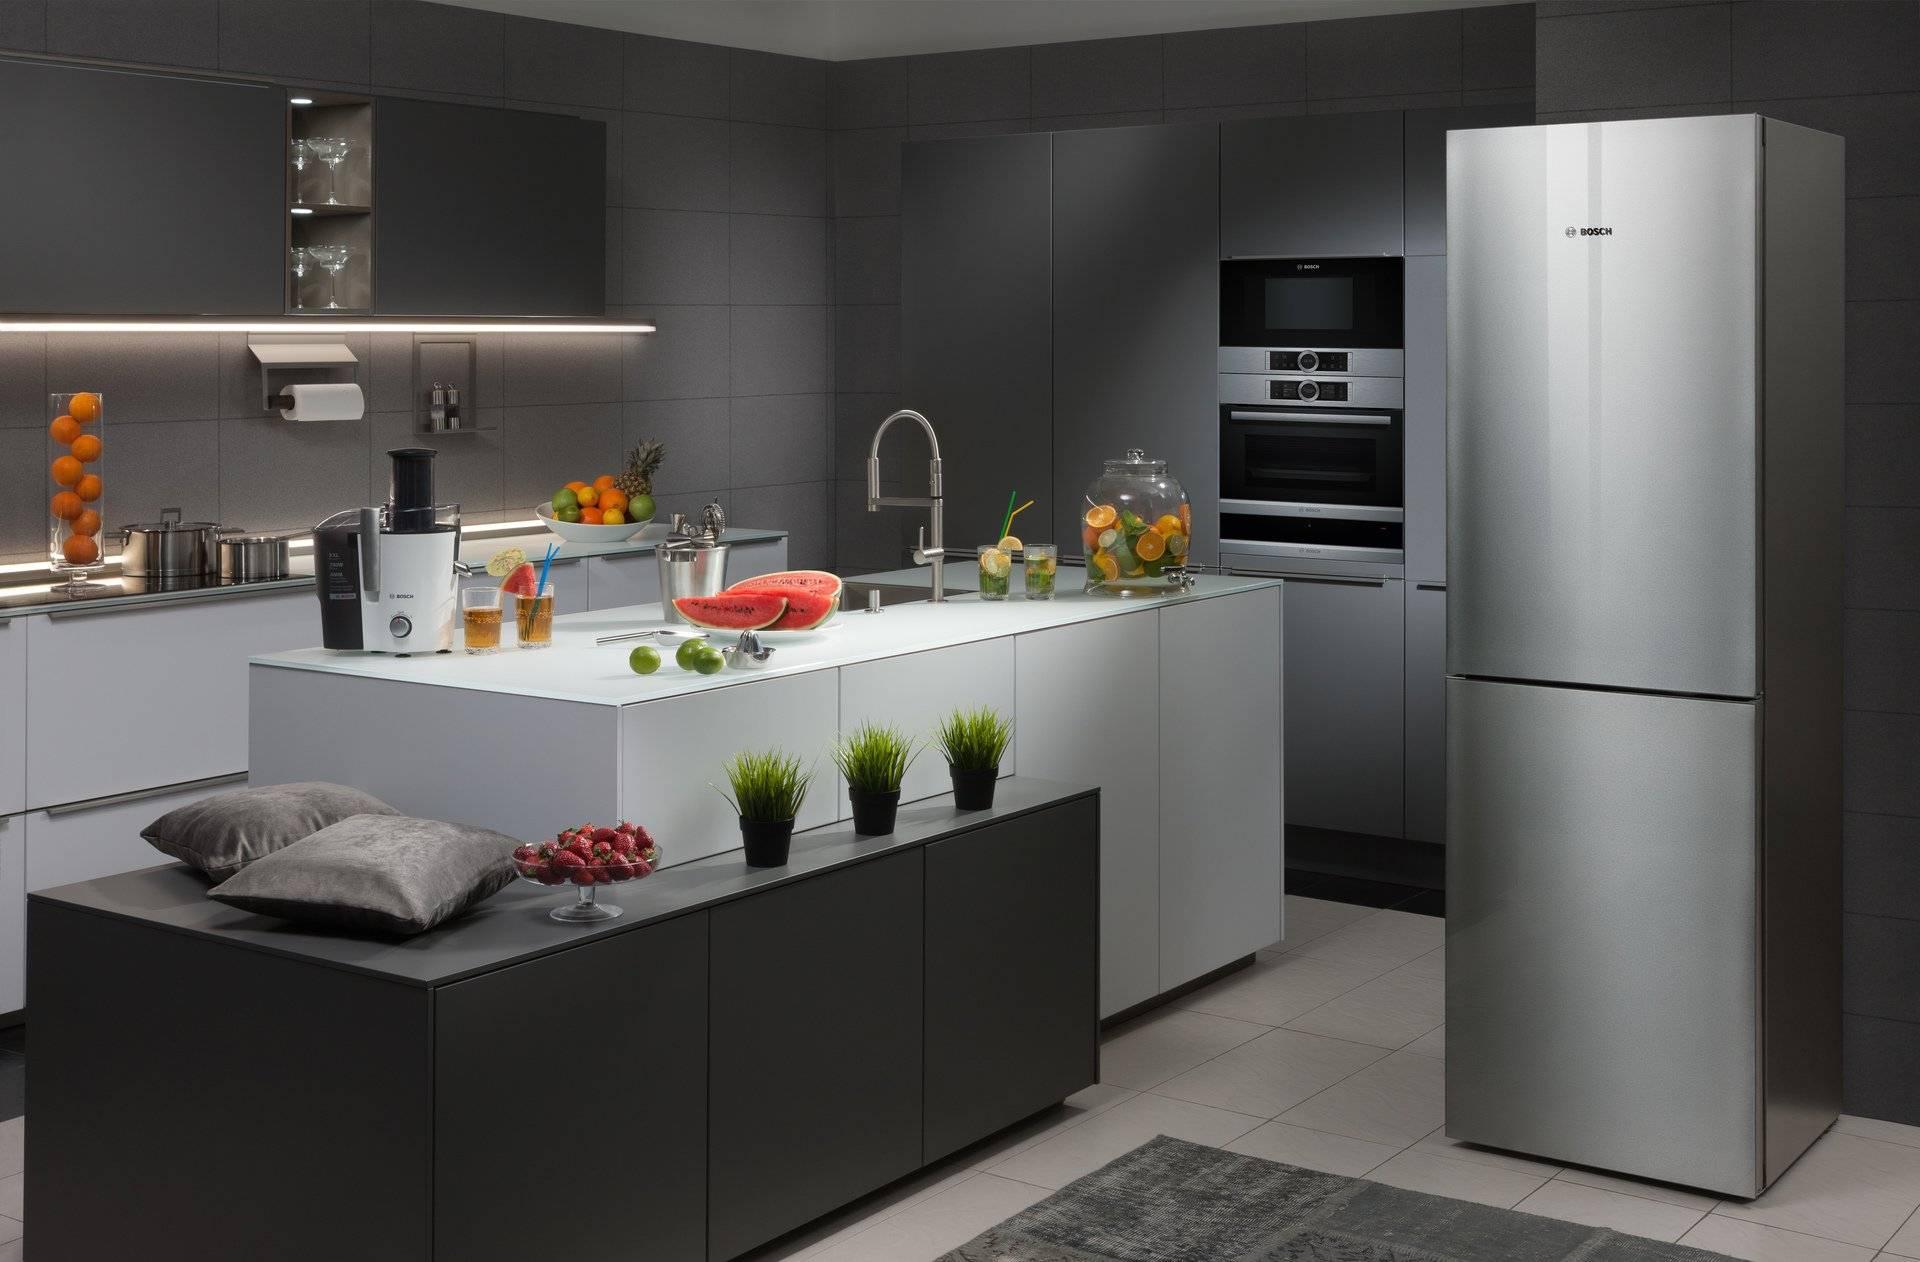 Какой холодильник выбрать: советы по выбору, критерии надежной модели и лучшие марки 2020 года